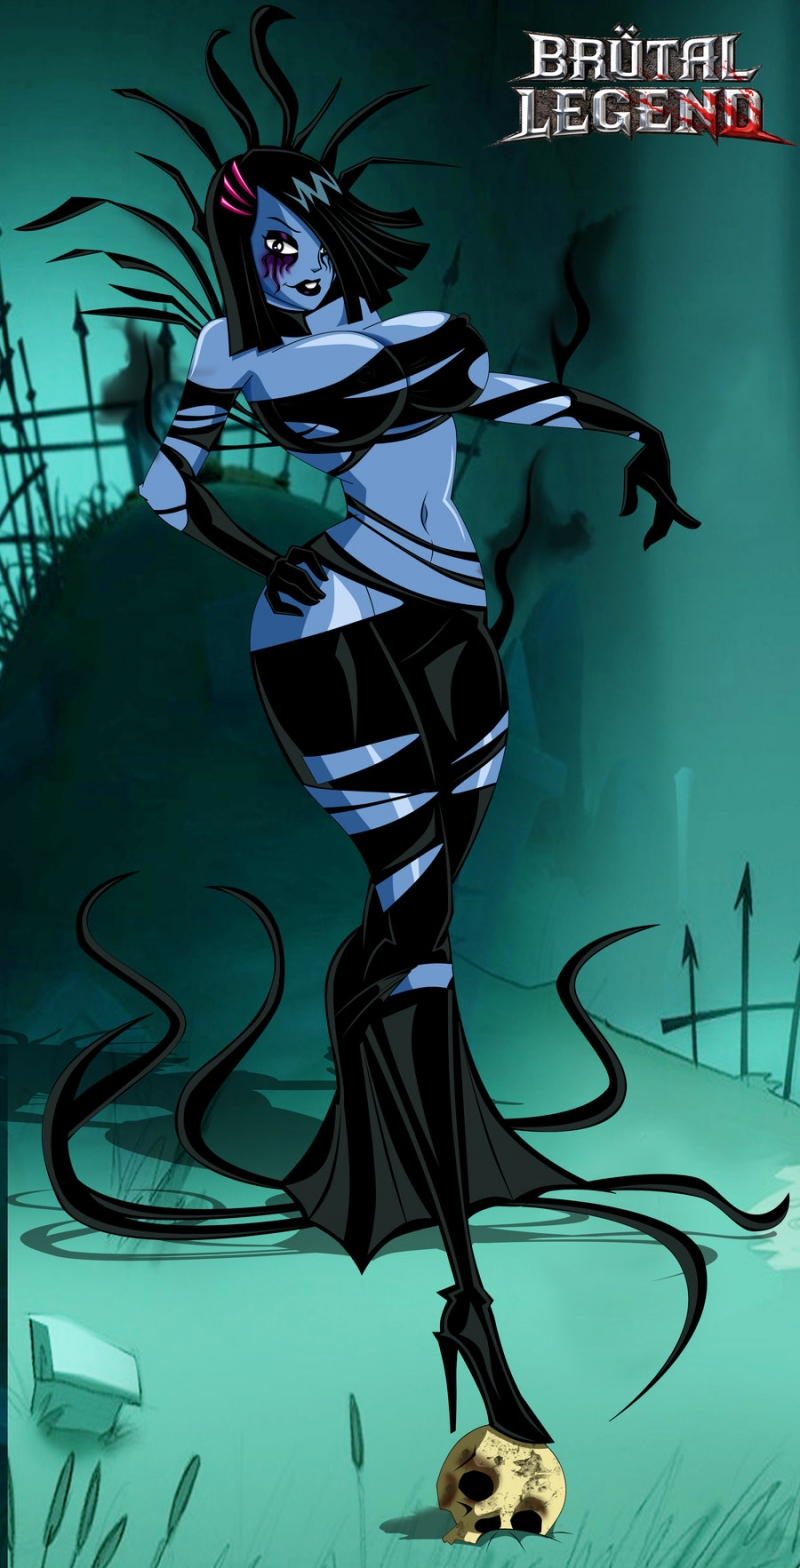 689979 - Brutal_Legend Grimphantom drowned_ophelia.jpg